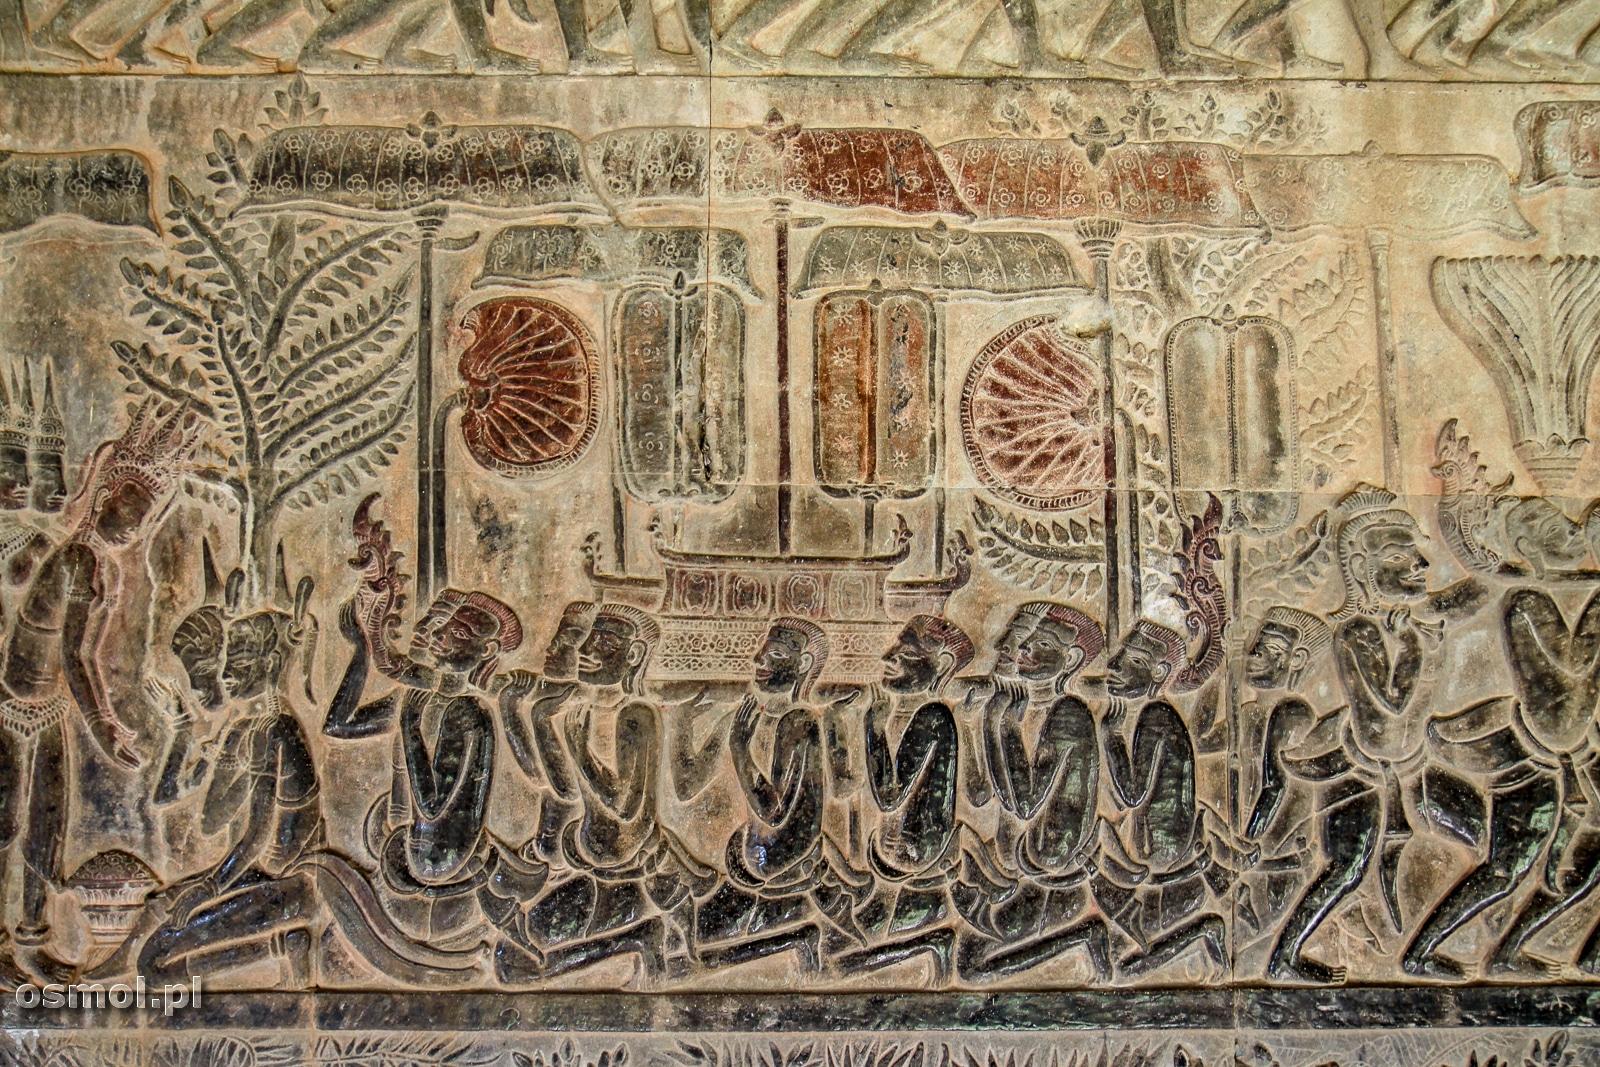 Kawałek z kilkusetmetrowej płaskorzeźby okalającej całą świątynię Angkor Wat.